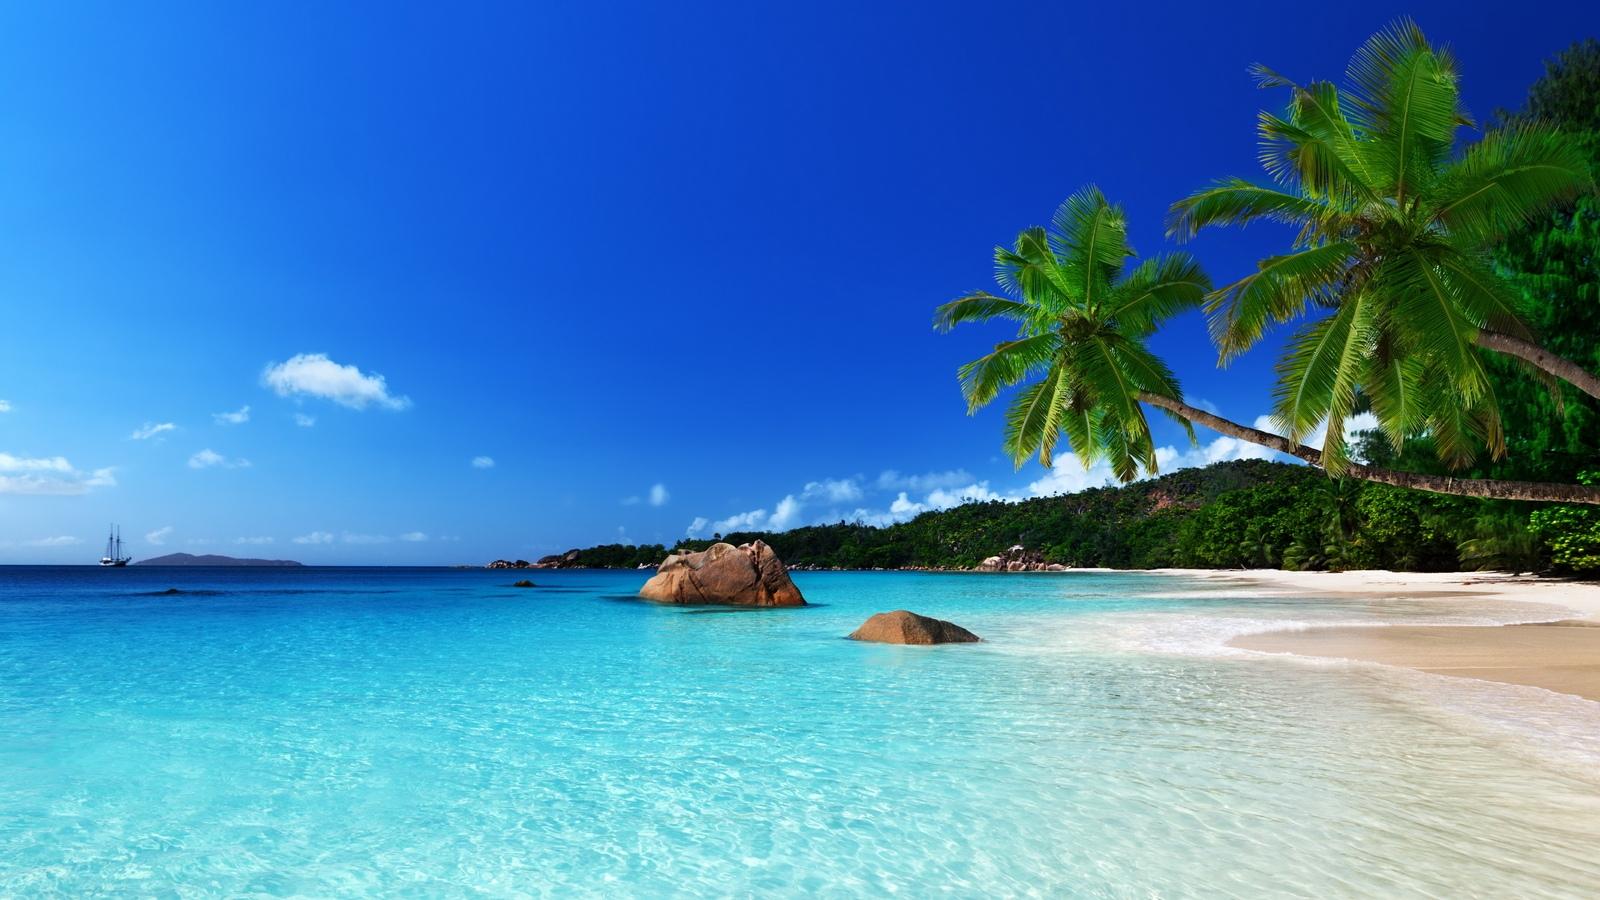 Красивые обои море на телефон   скачать бесплатно (2)